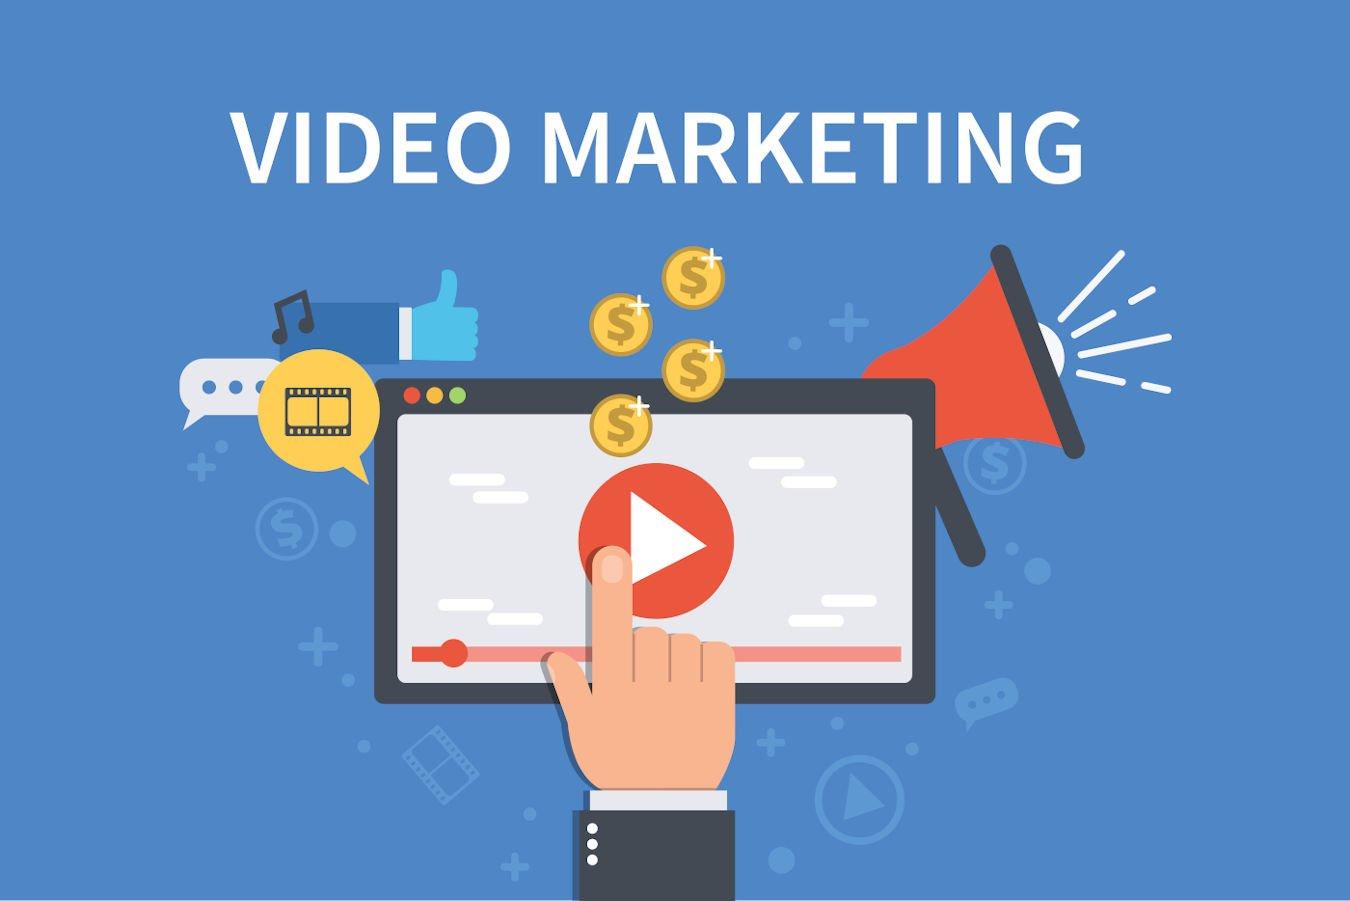 مزایای ویدیو مارکتینگ